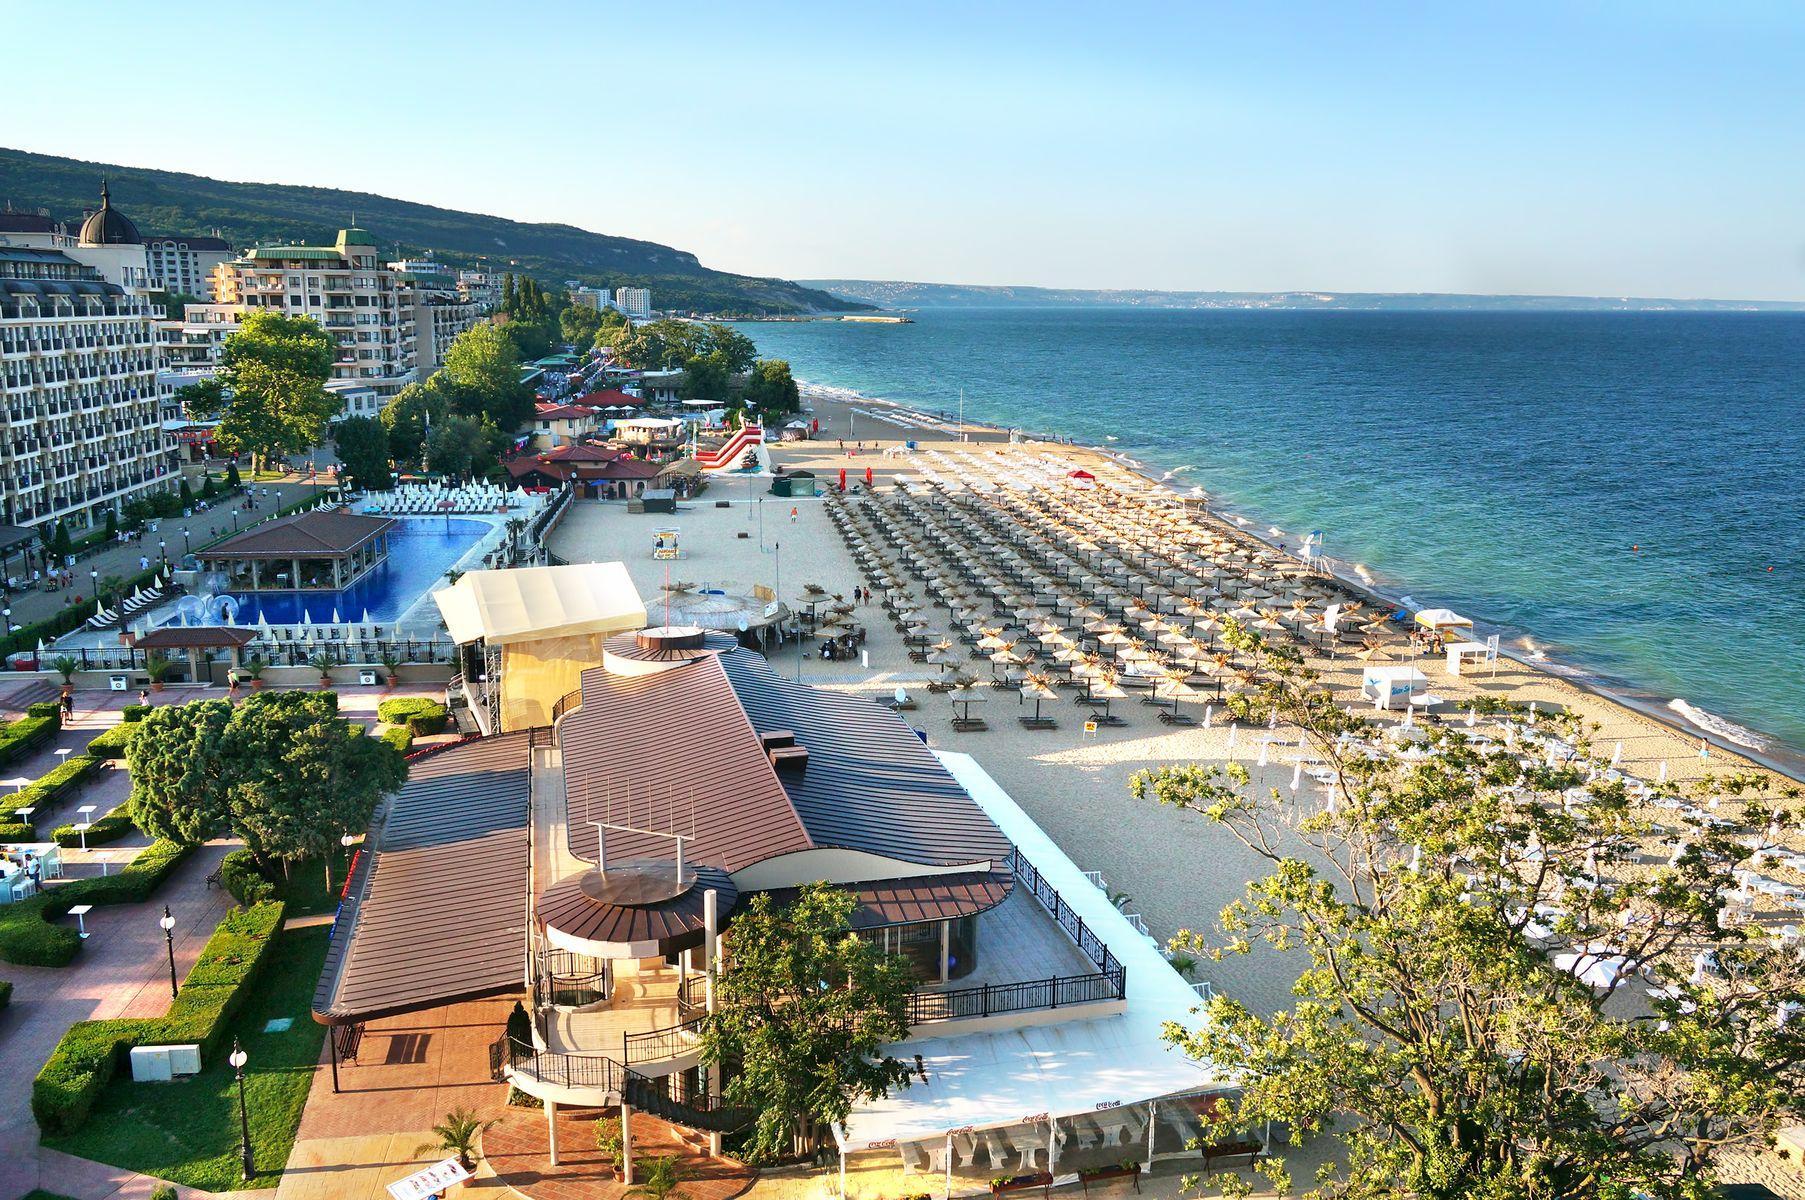 Panorama de la playa y hoteles en un Resort en Sunny Beach, Bulgaria